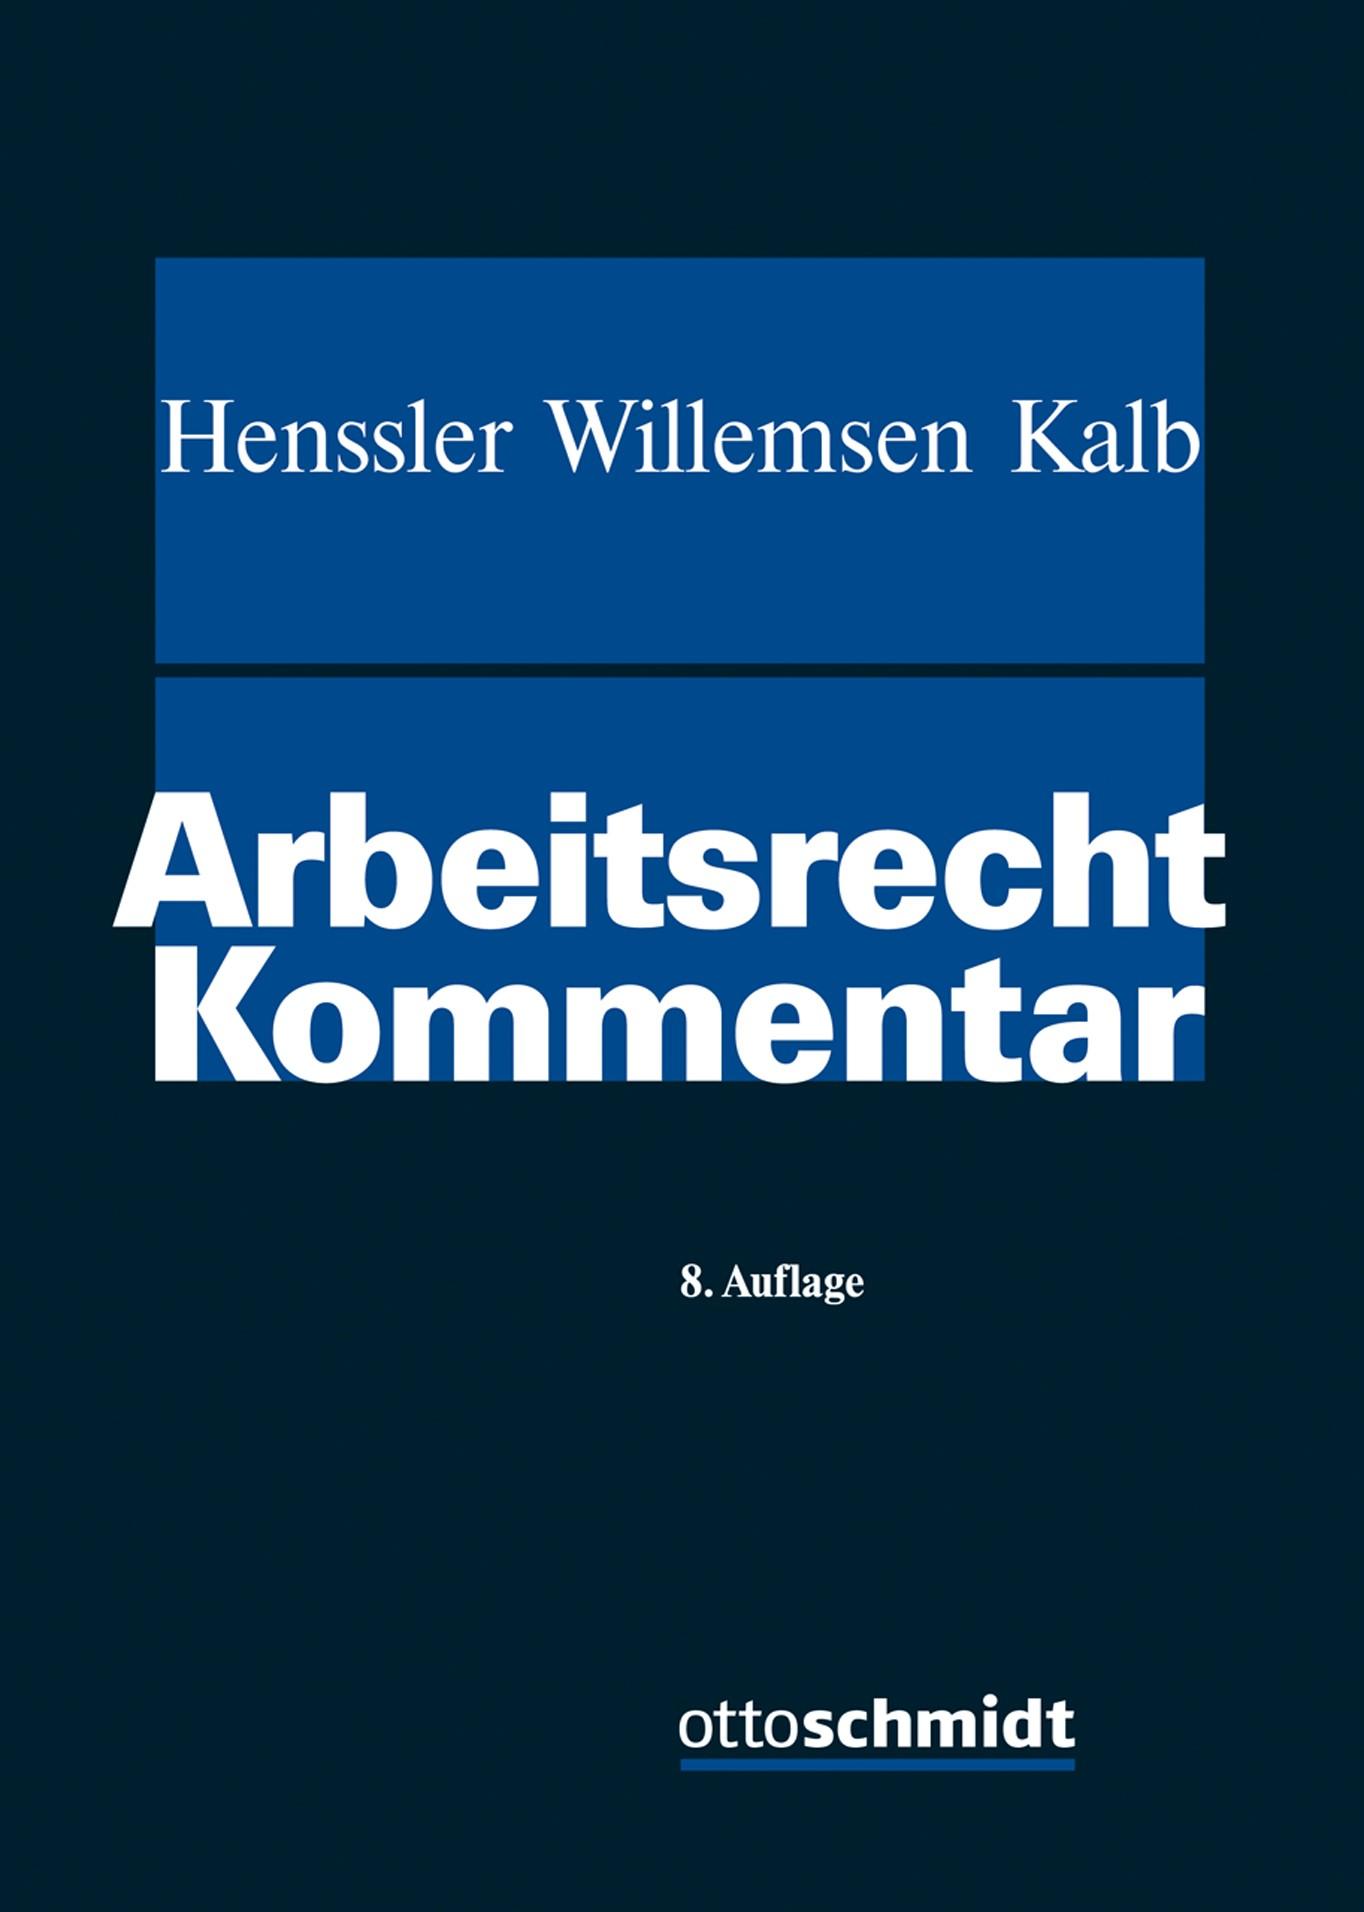 Arbeitsrecht | Henssler / Willemsen / Kalb (Hrsg.) | 8., neu bearbeitete und erweiterte Auflage, 2018 | Buch (Cover)